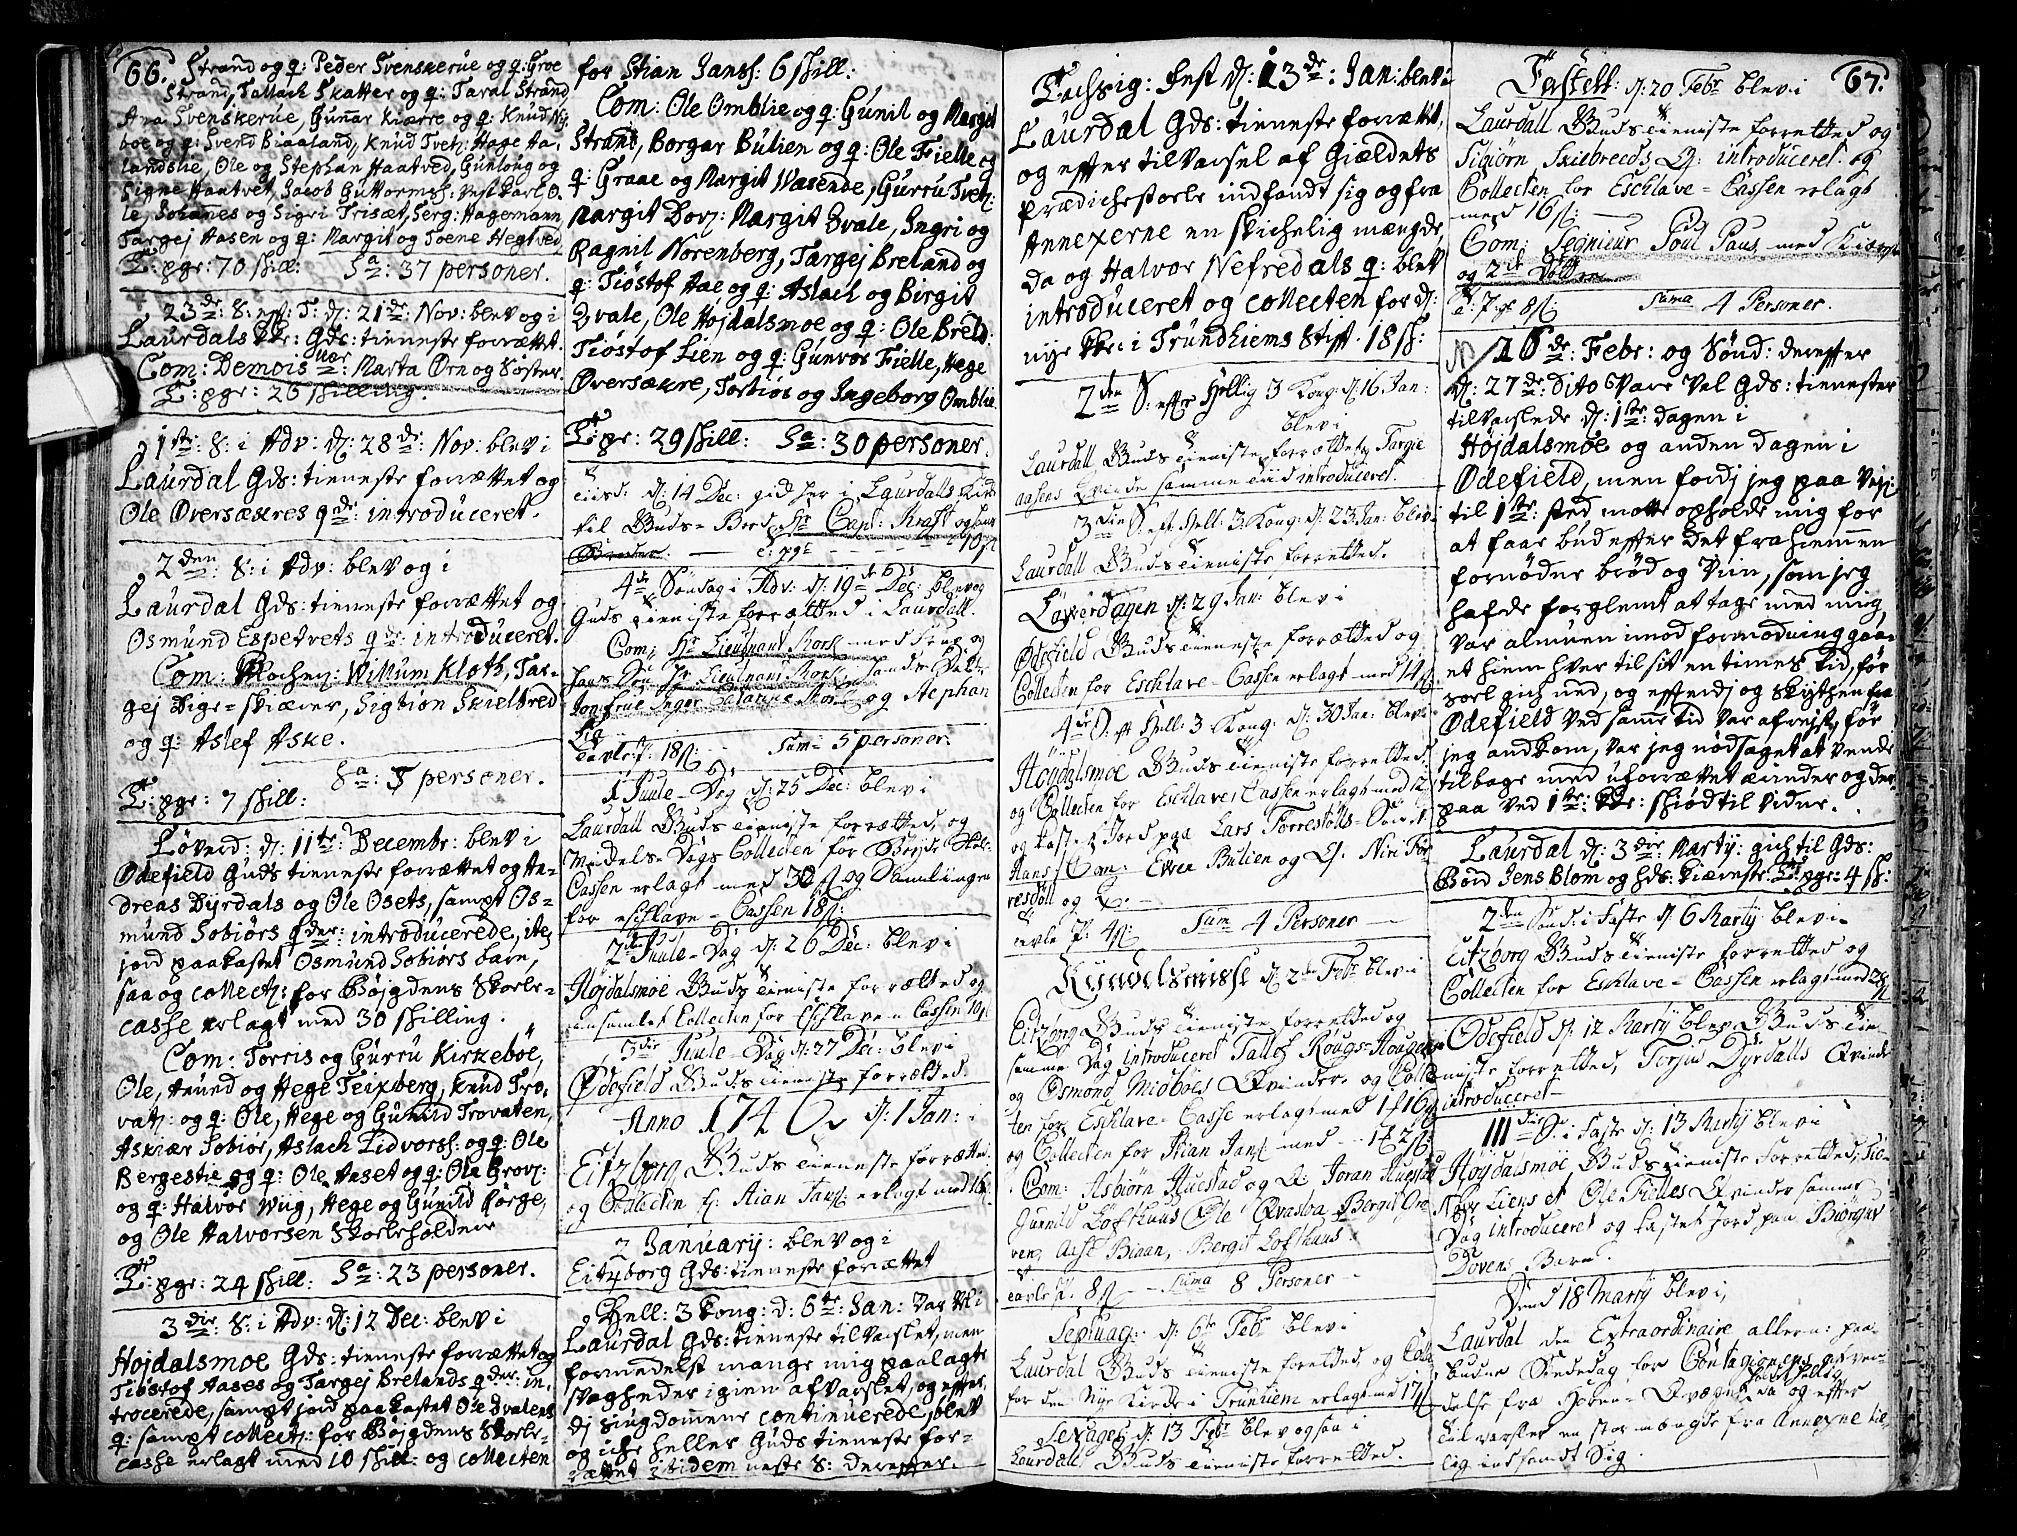 SAKO, Lårdal kirkebøker, F/Fa/L0002: Ministerialbok nr. I 2, 1734-1754, s. 66-67